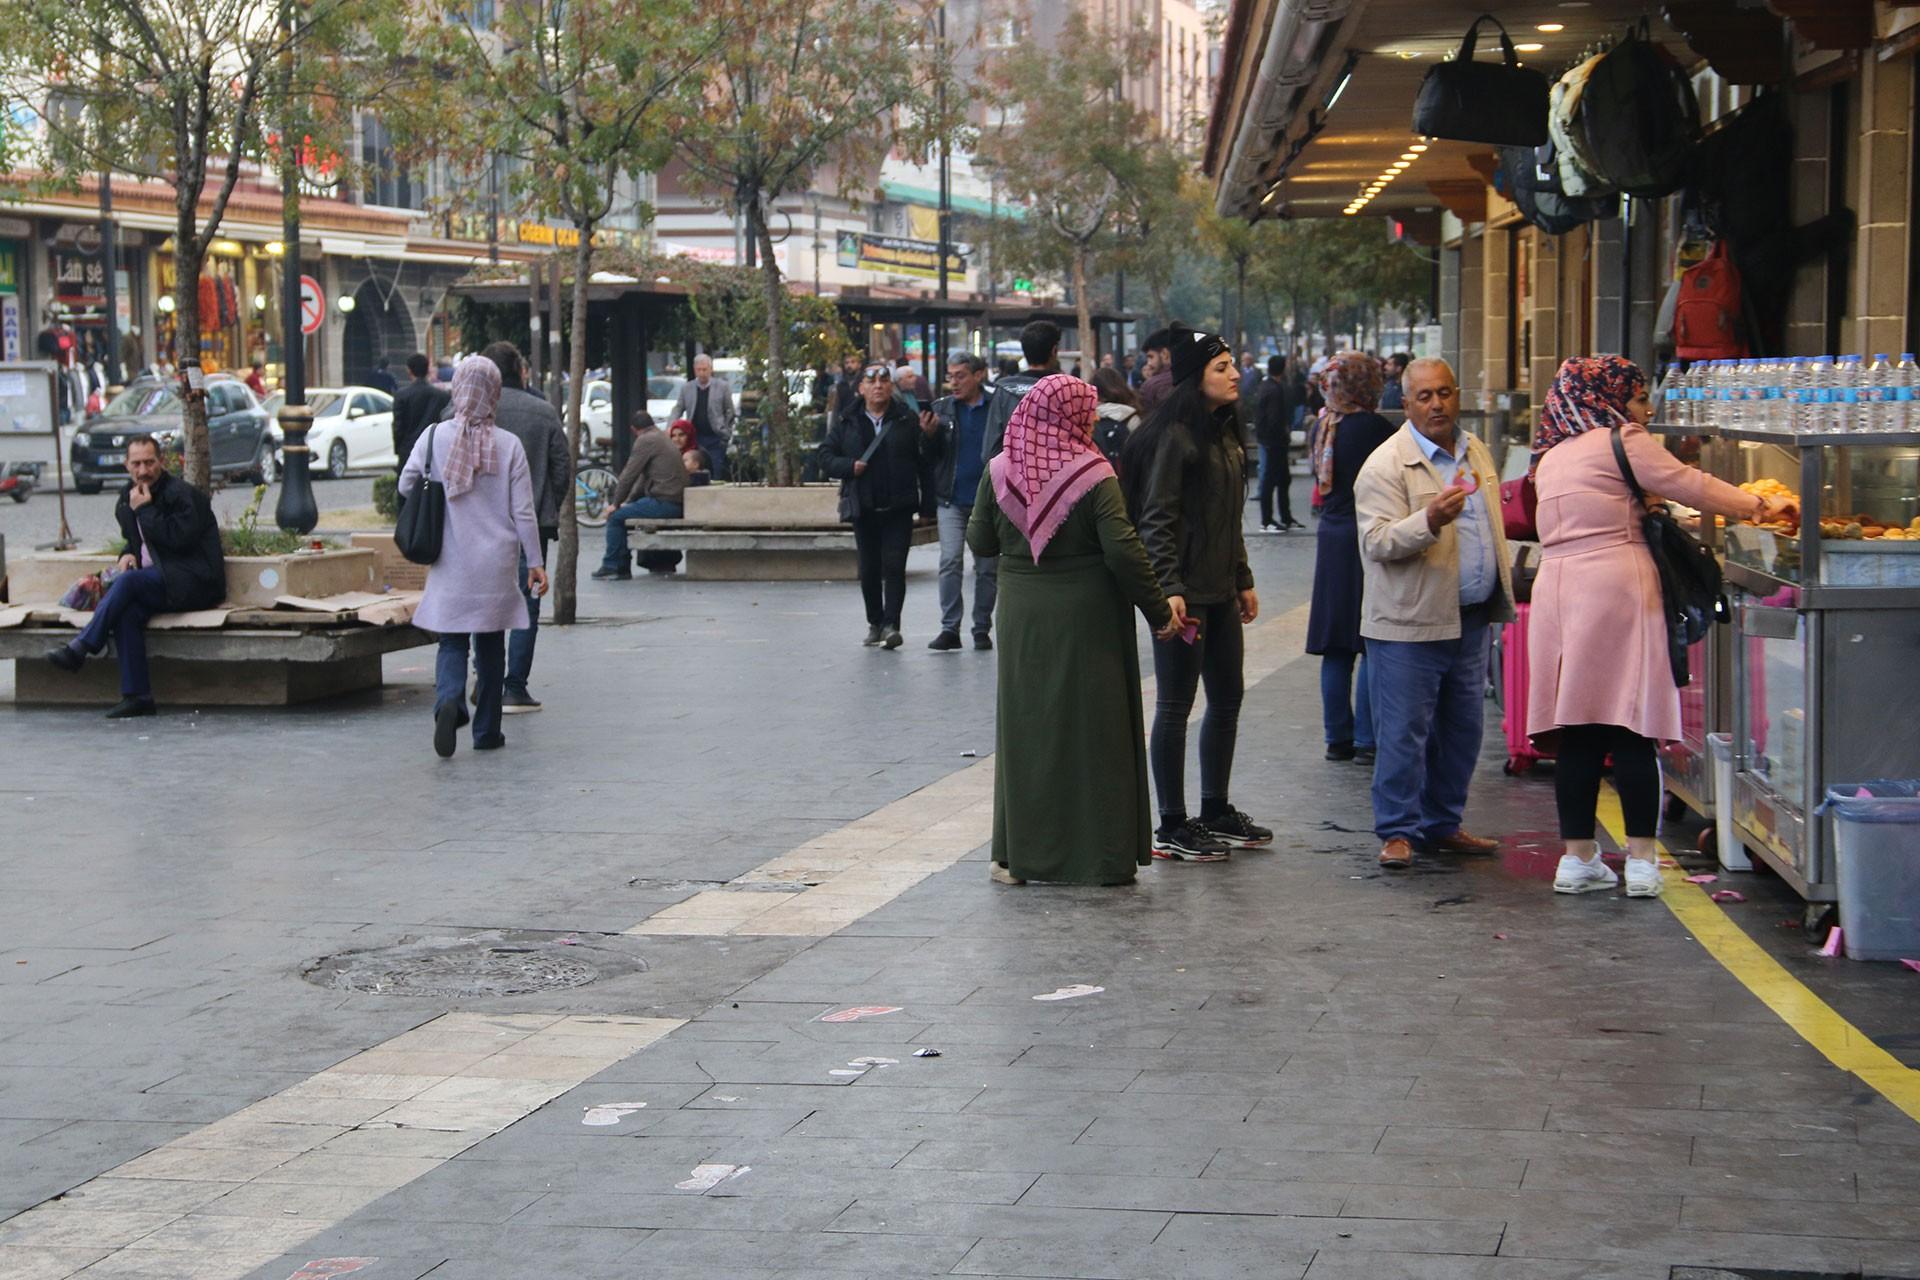 Diyarbakır'de caddede yürüyen, dükkanların önünde gündelik yaşantılarına devam eden yurttaşlar.